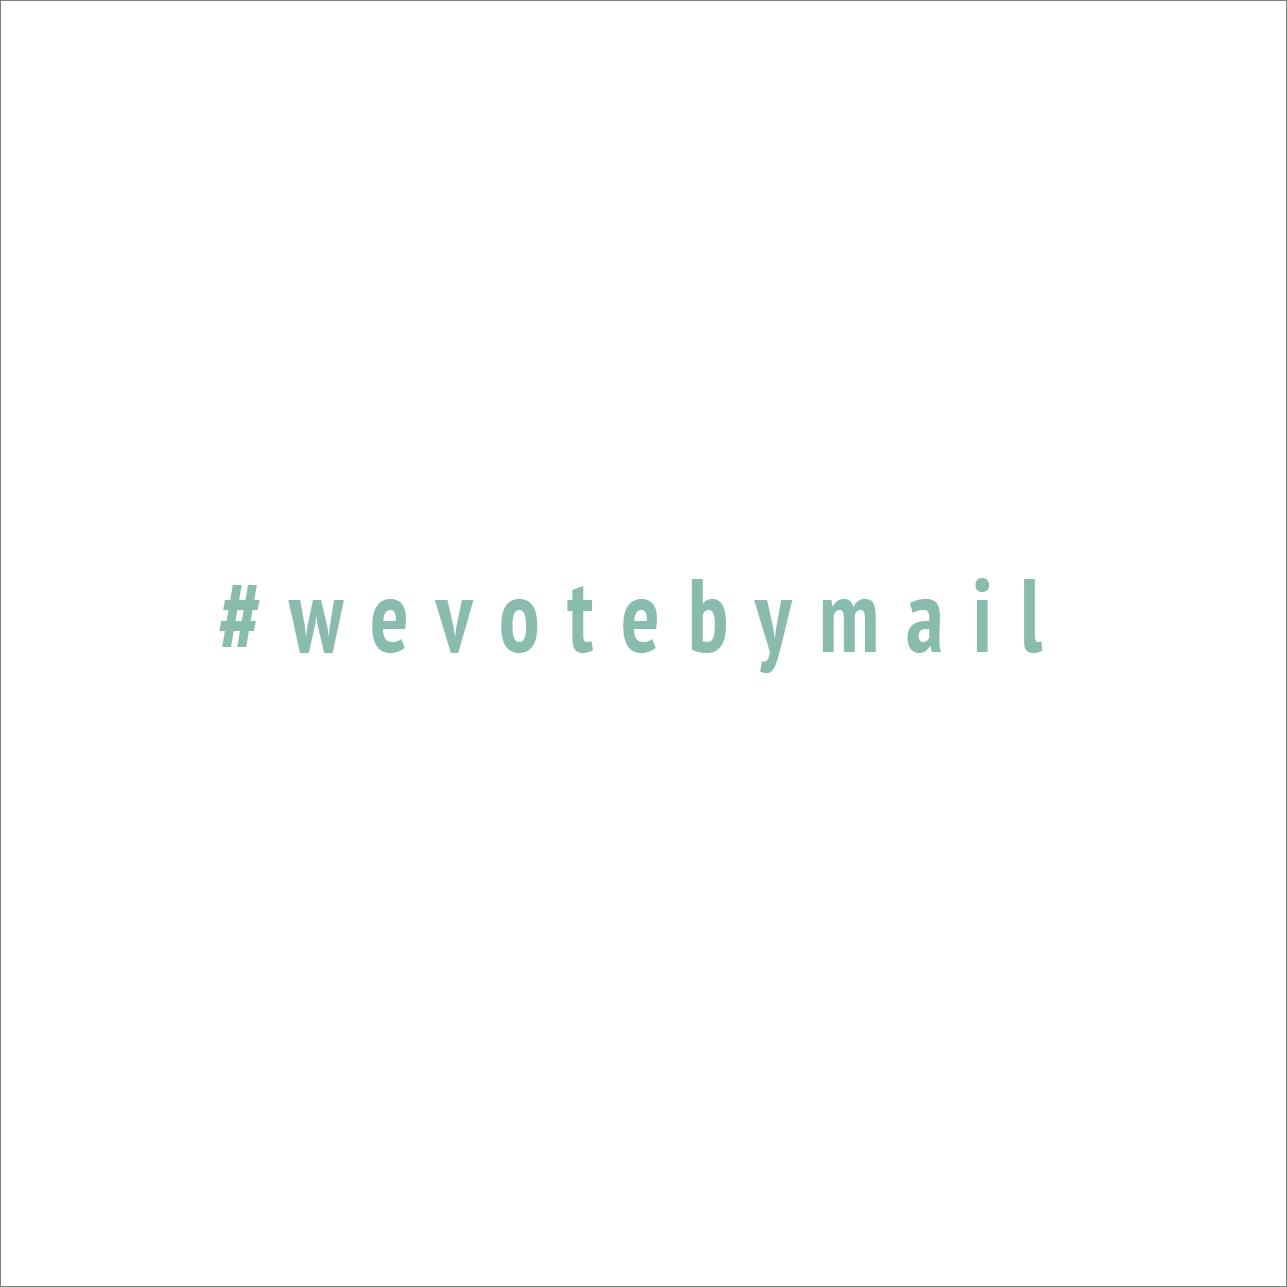 #wevotebymail (blue)